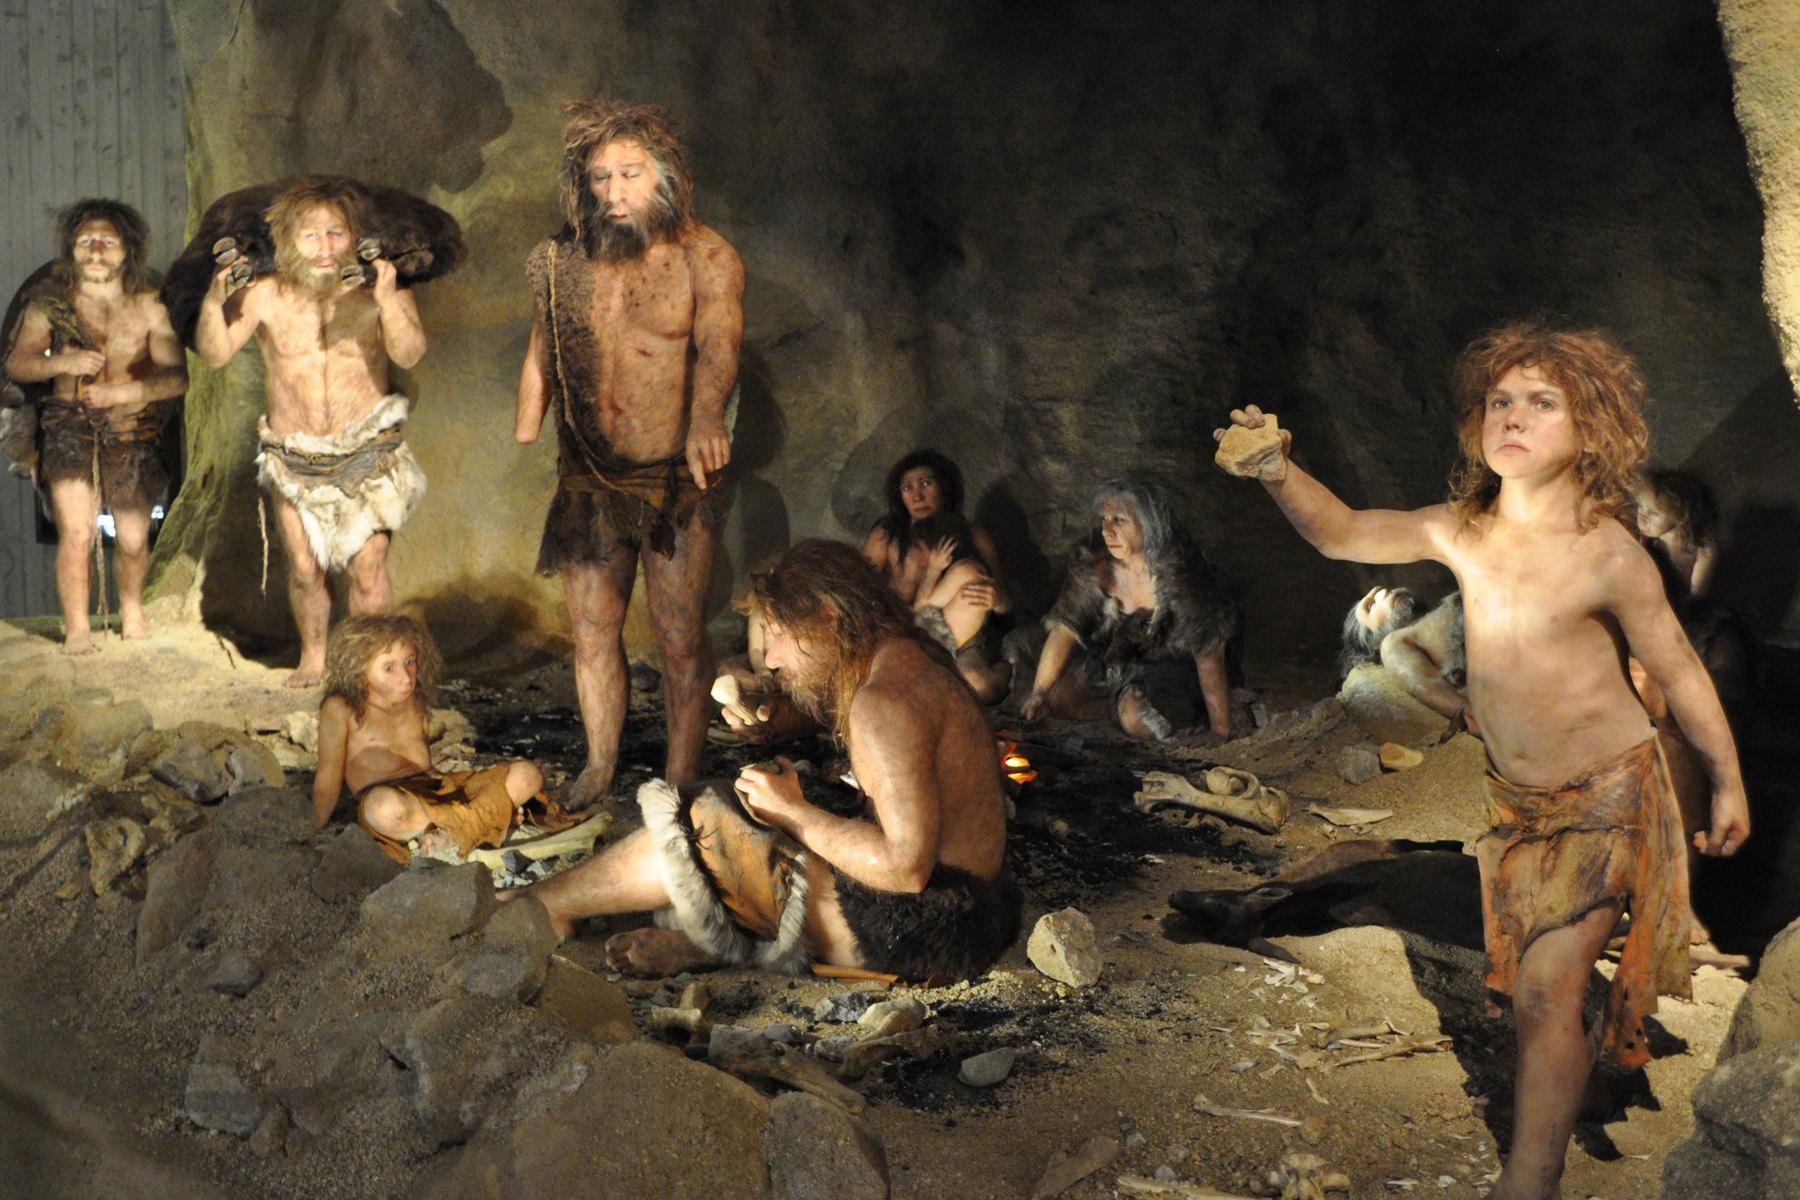 2010-148-1 Ученые установили, что неандертальцы предпочитали хоронить своих умерших